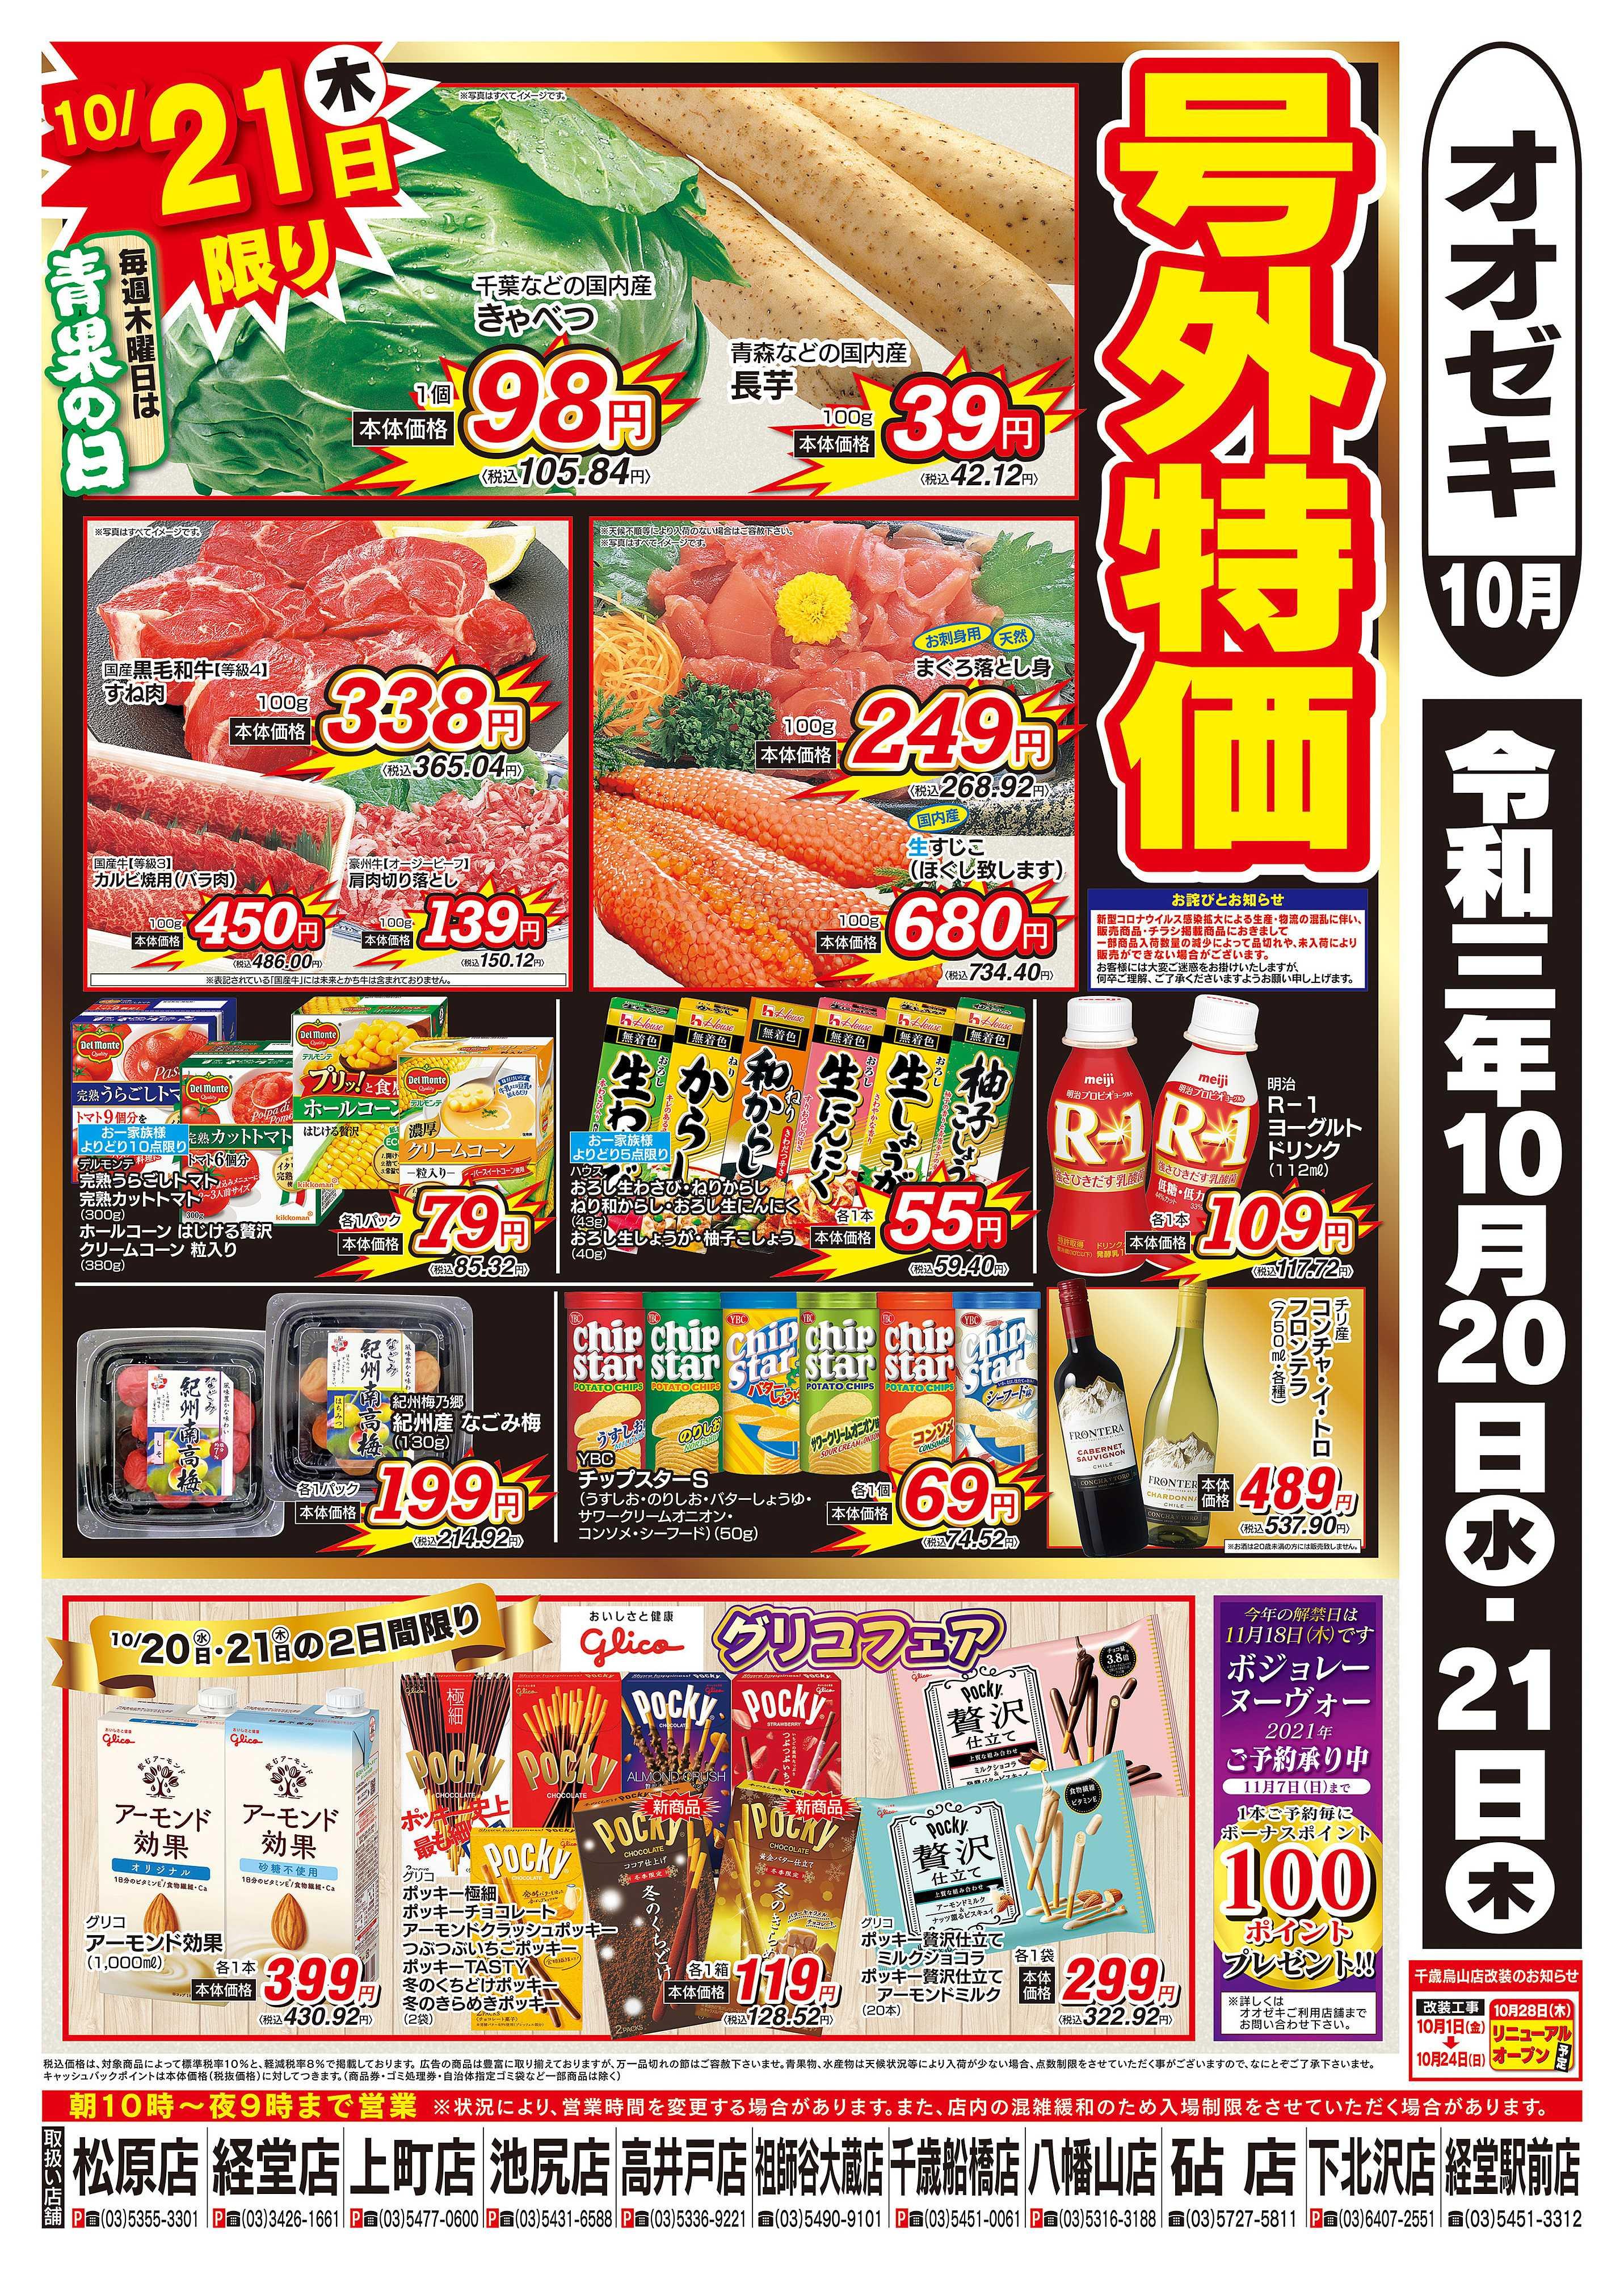 オオゼキ 10/20(水)~10/21(木)2日間限り 号外特価